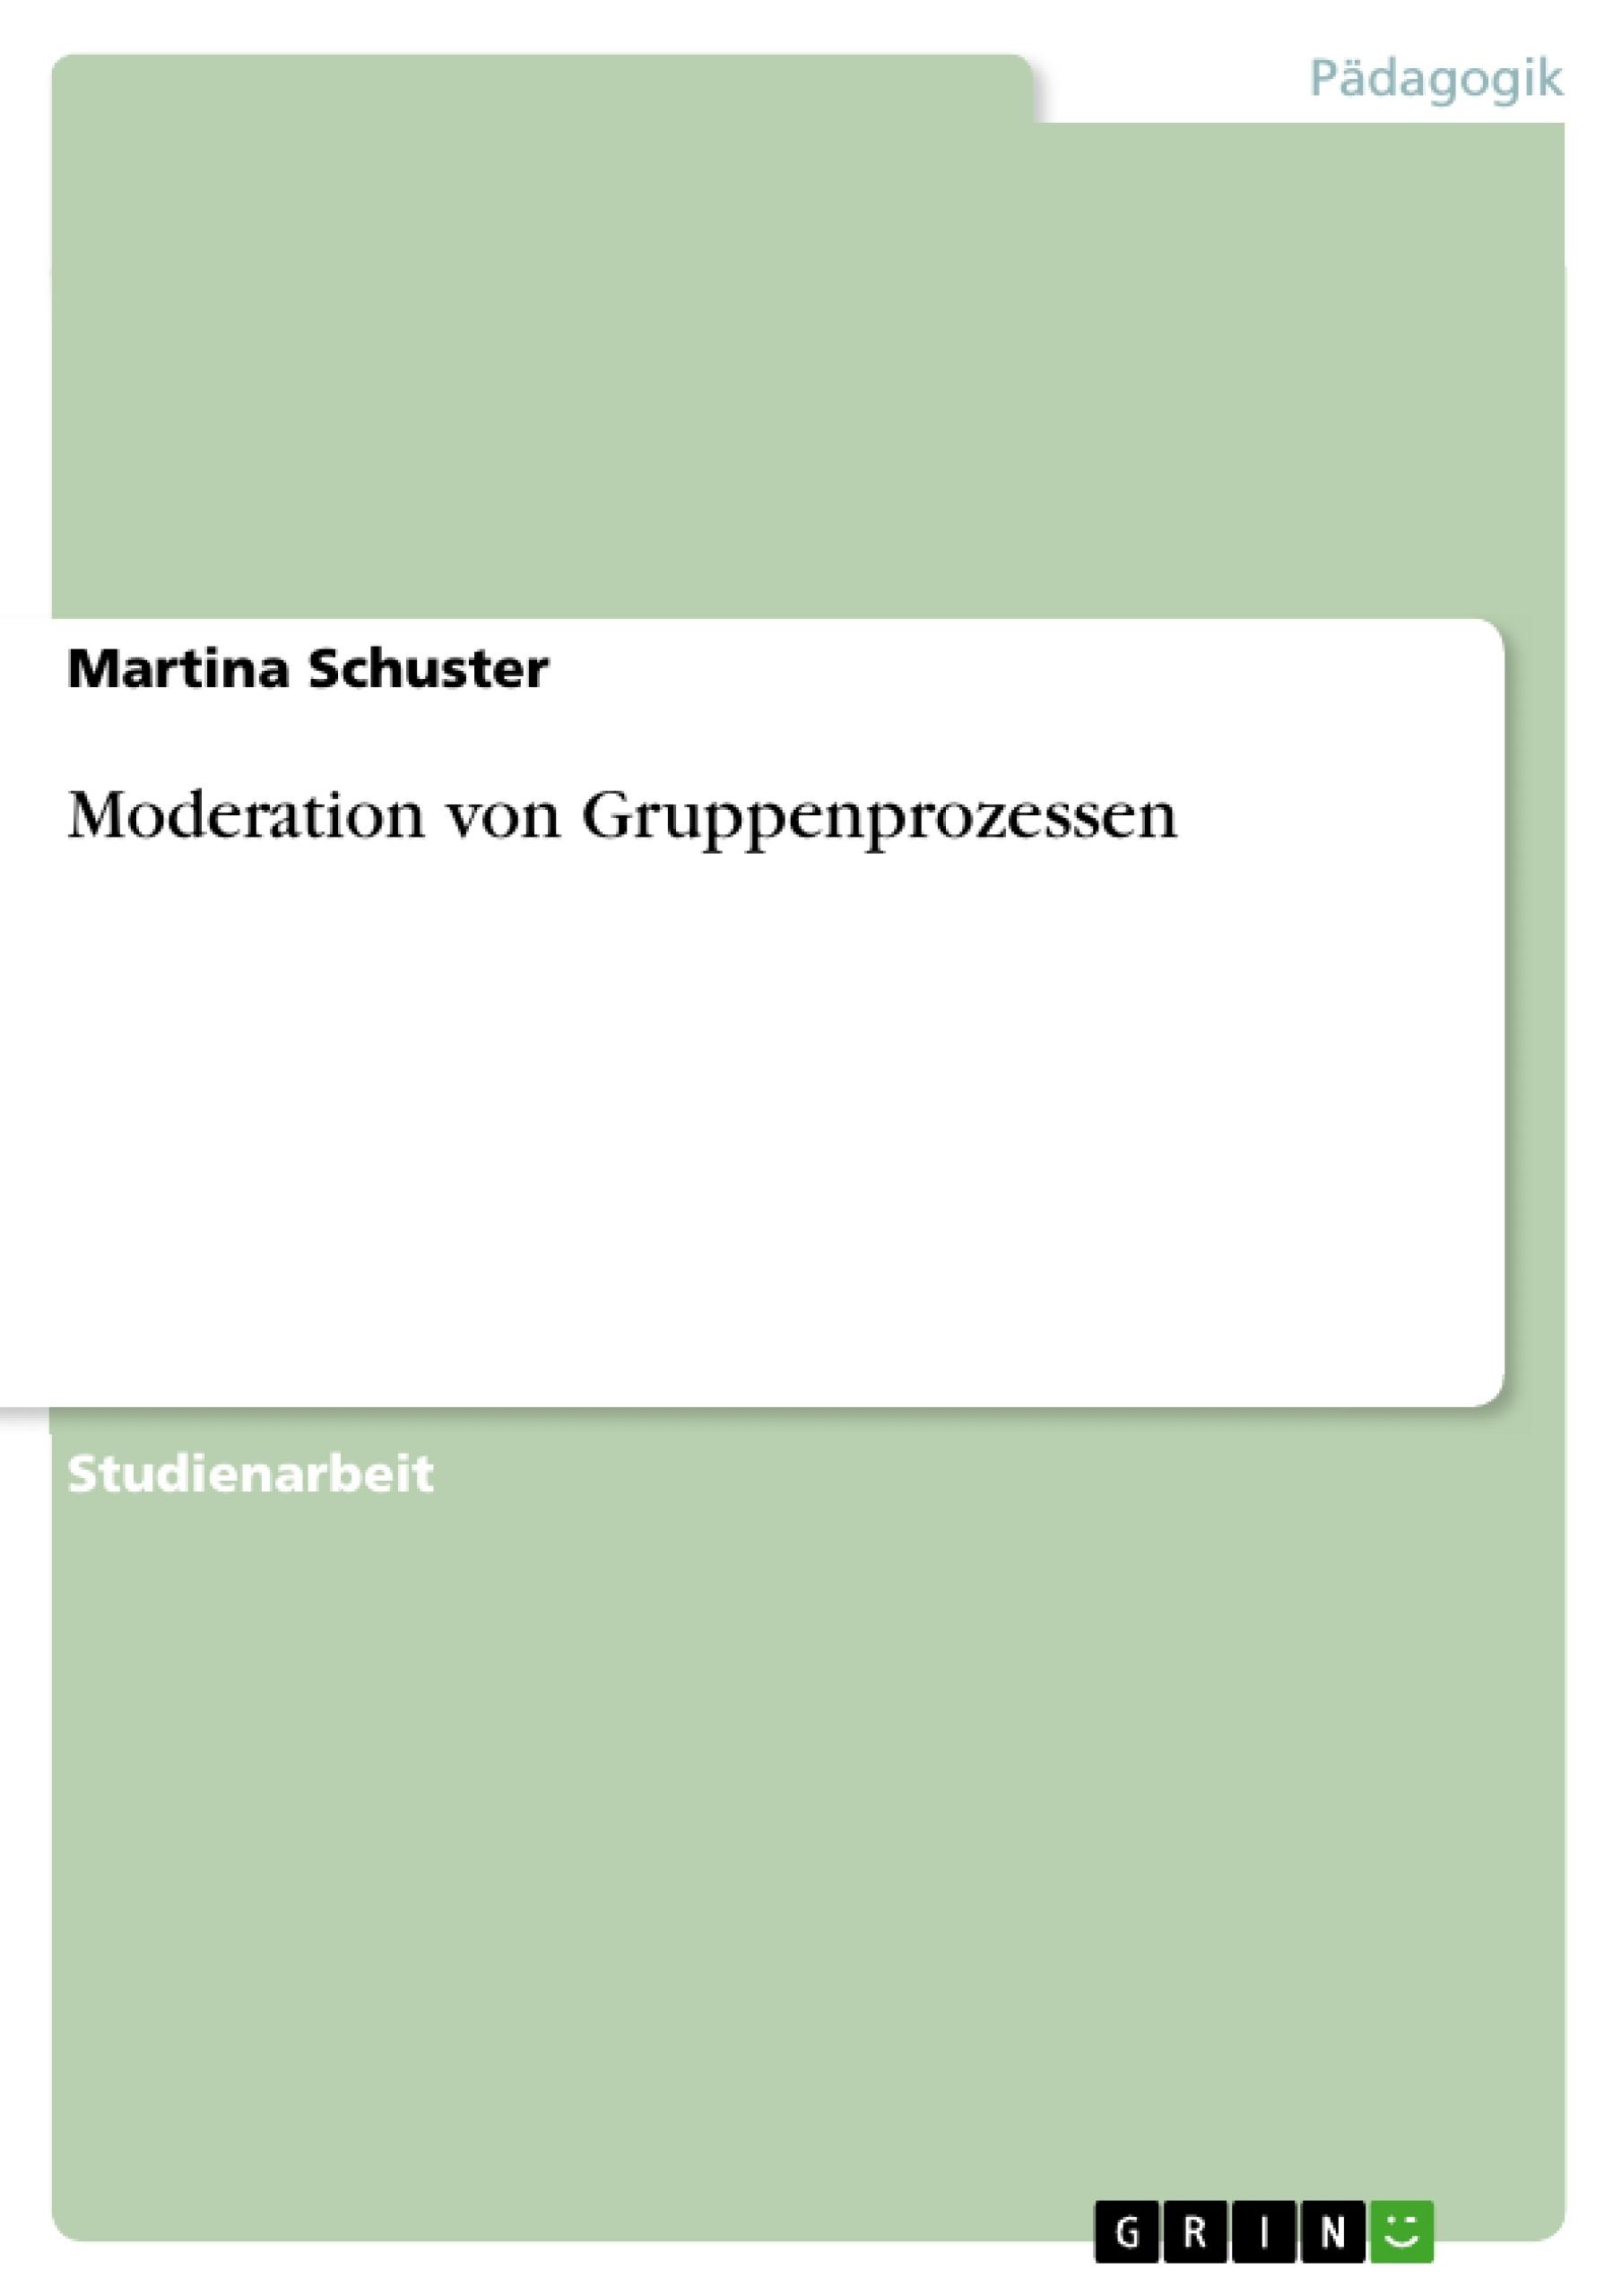 Titel: Moderation von Gruppenprozessen